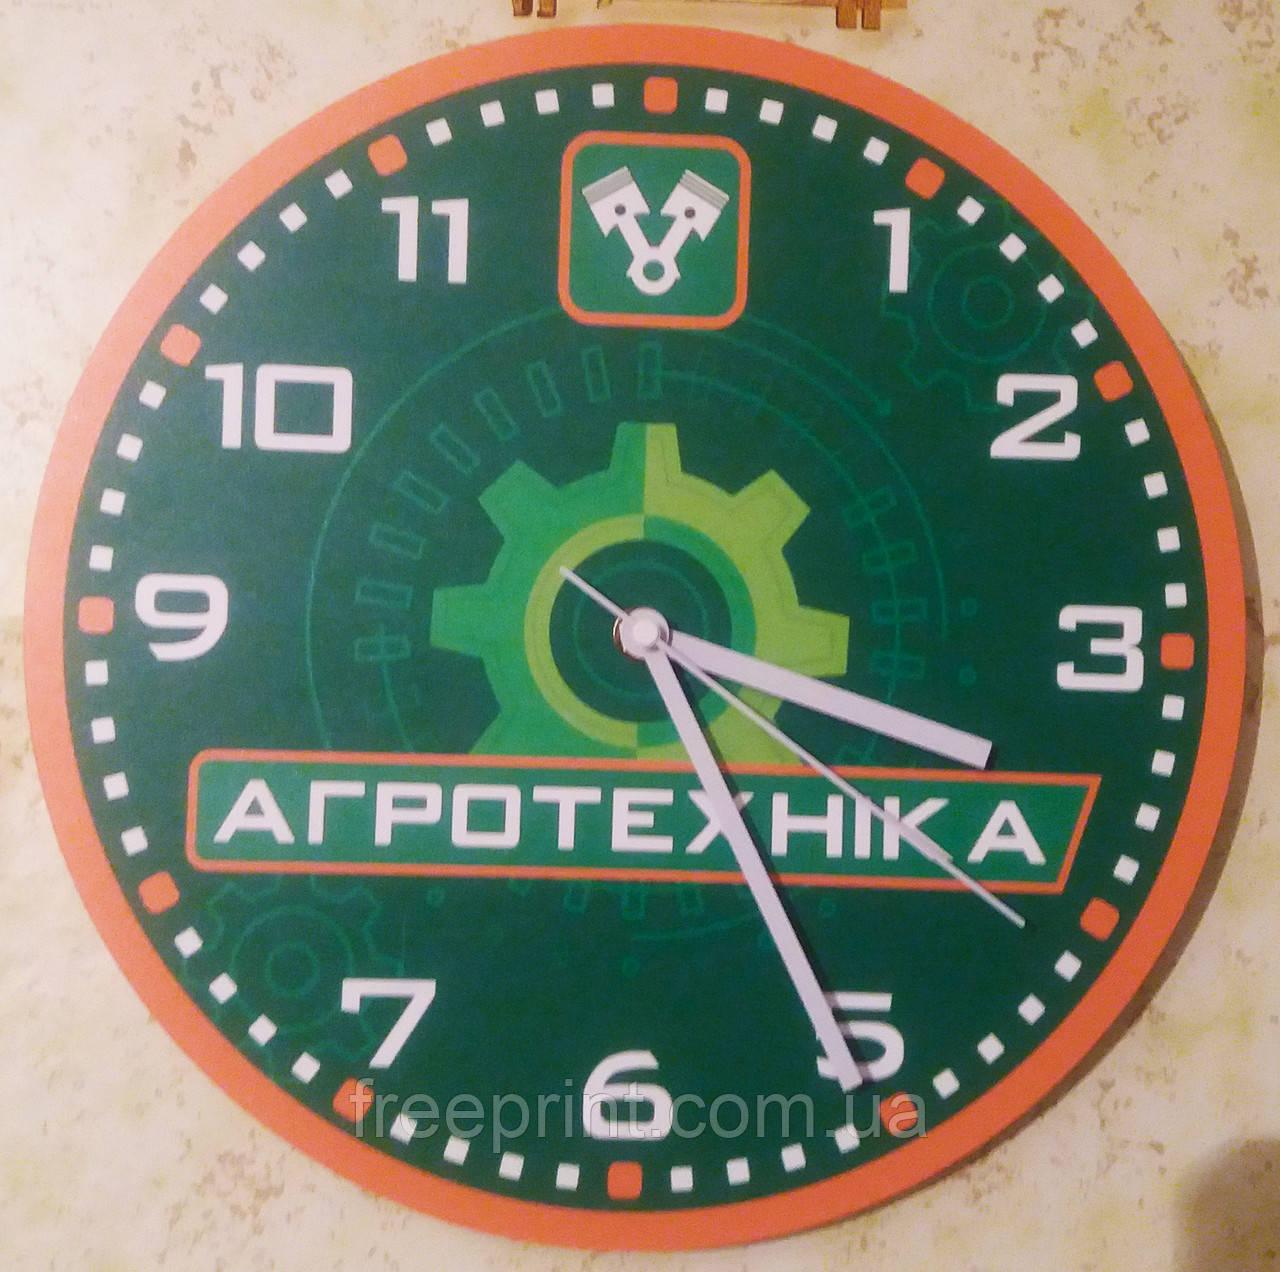 Часы брендированные (изготовление)